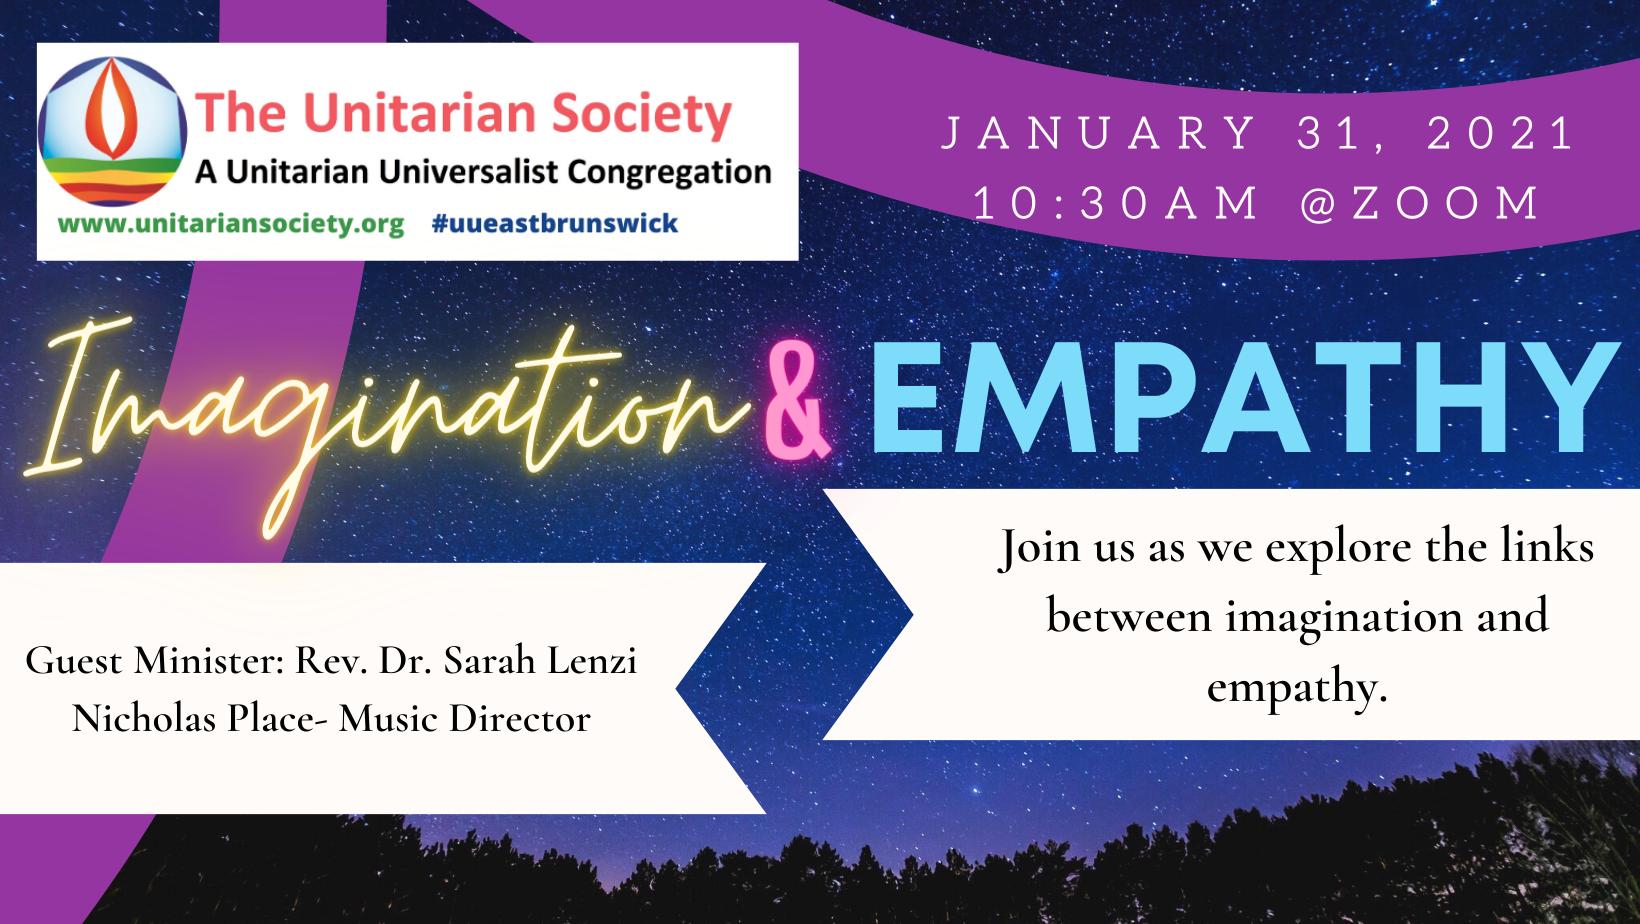 Sunday, January 31st, 2021 @10:30AM — Imagination and Empathy